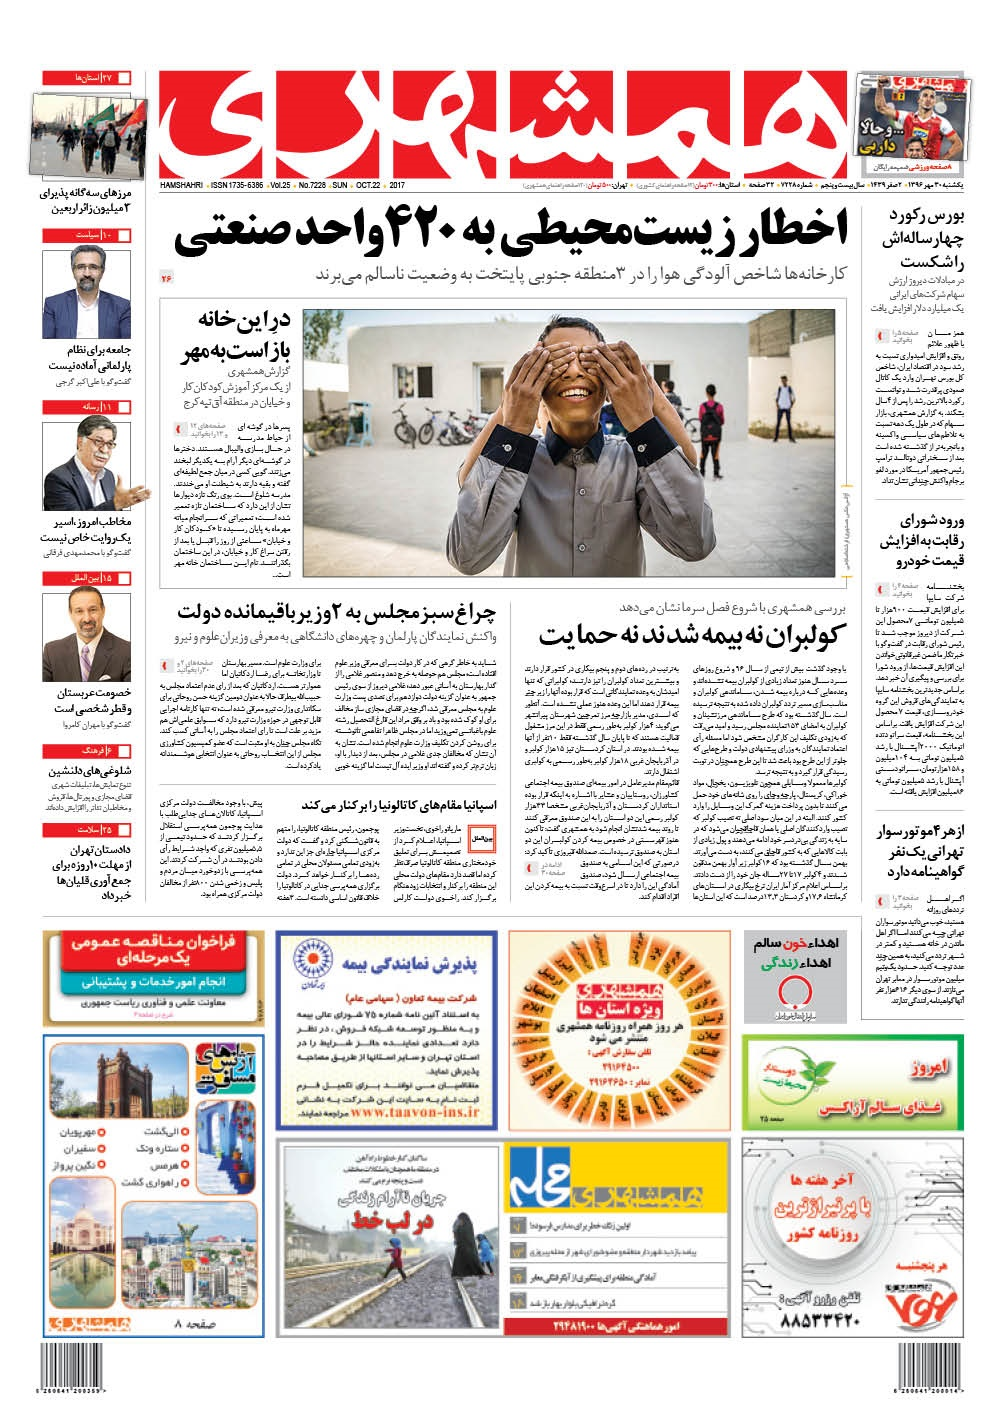 روزنامه ۳۰ مهر